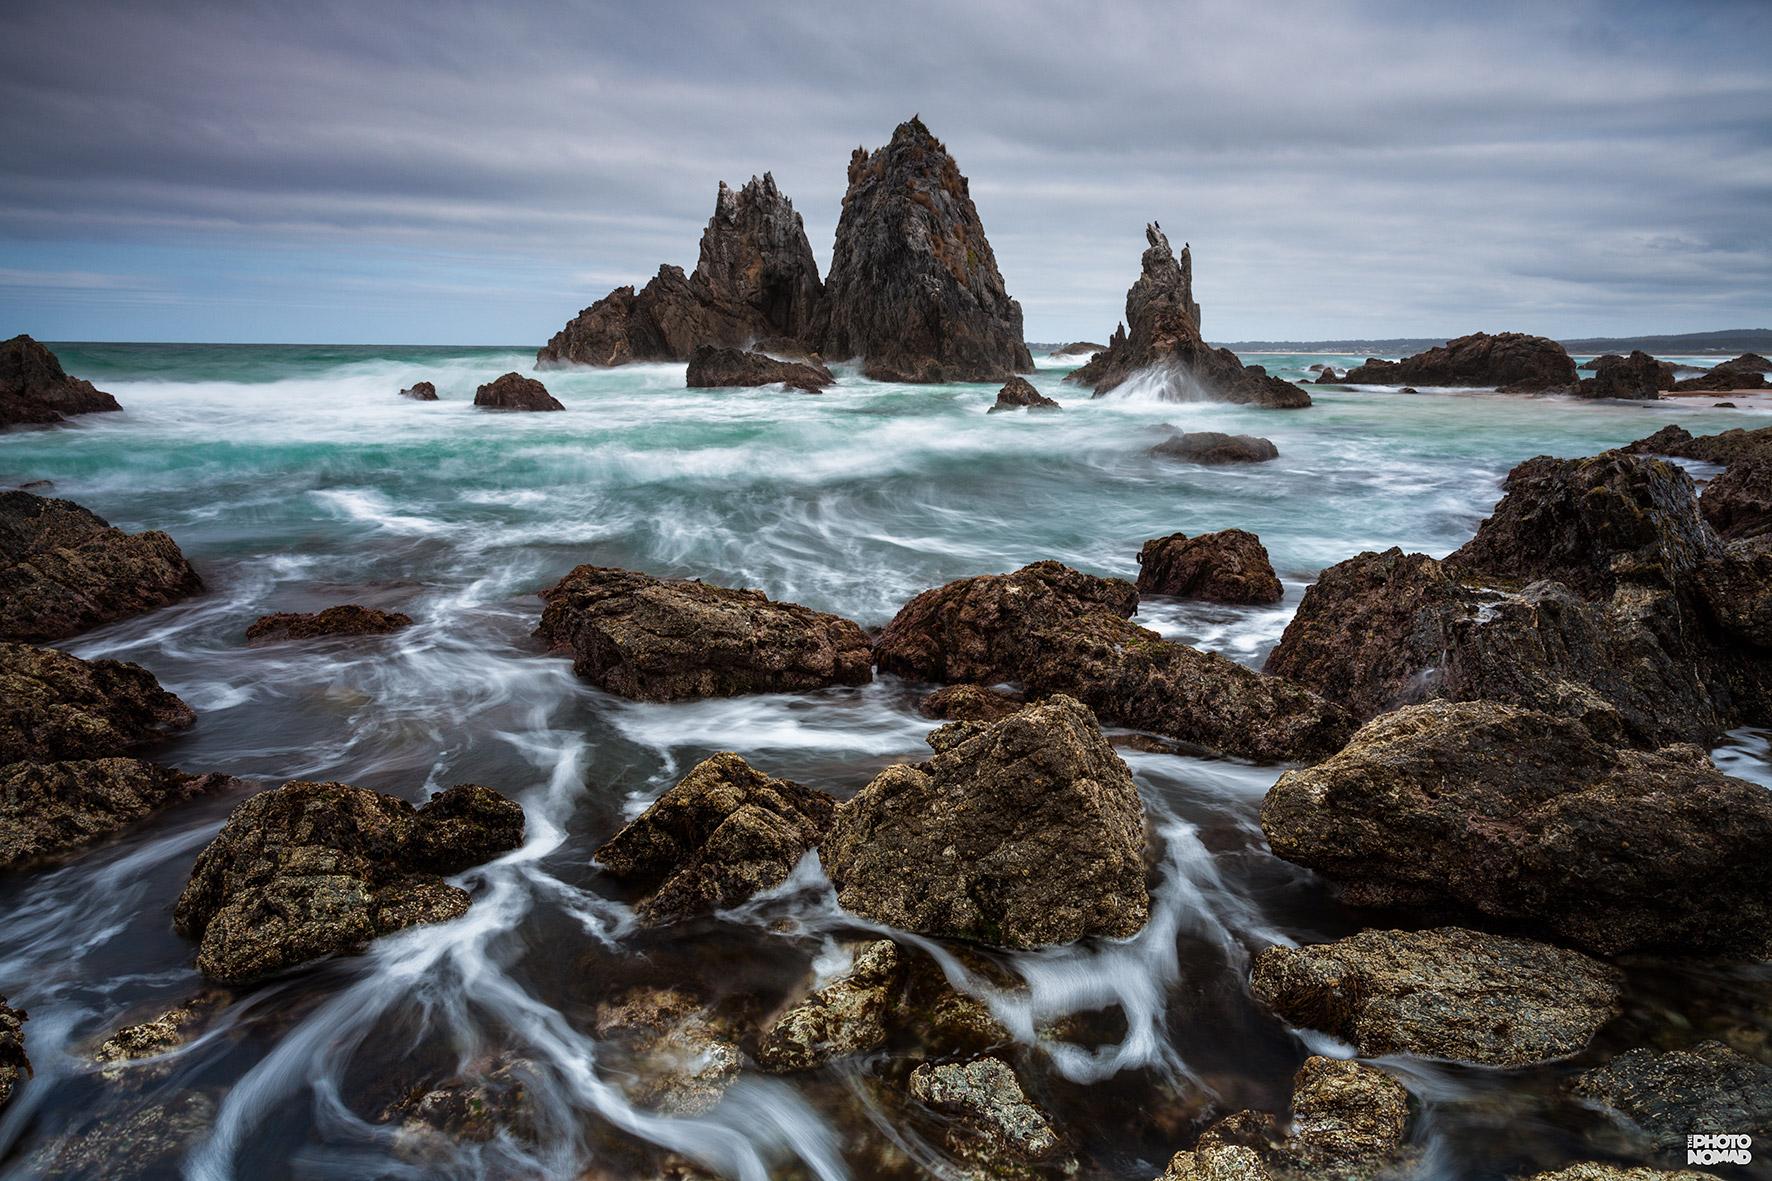 Camel Rock, Bermagui NSW